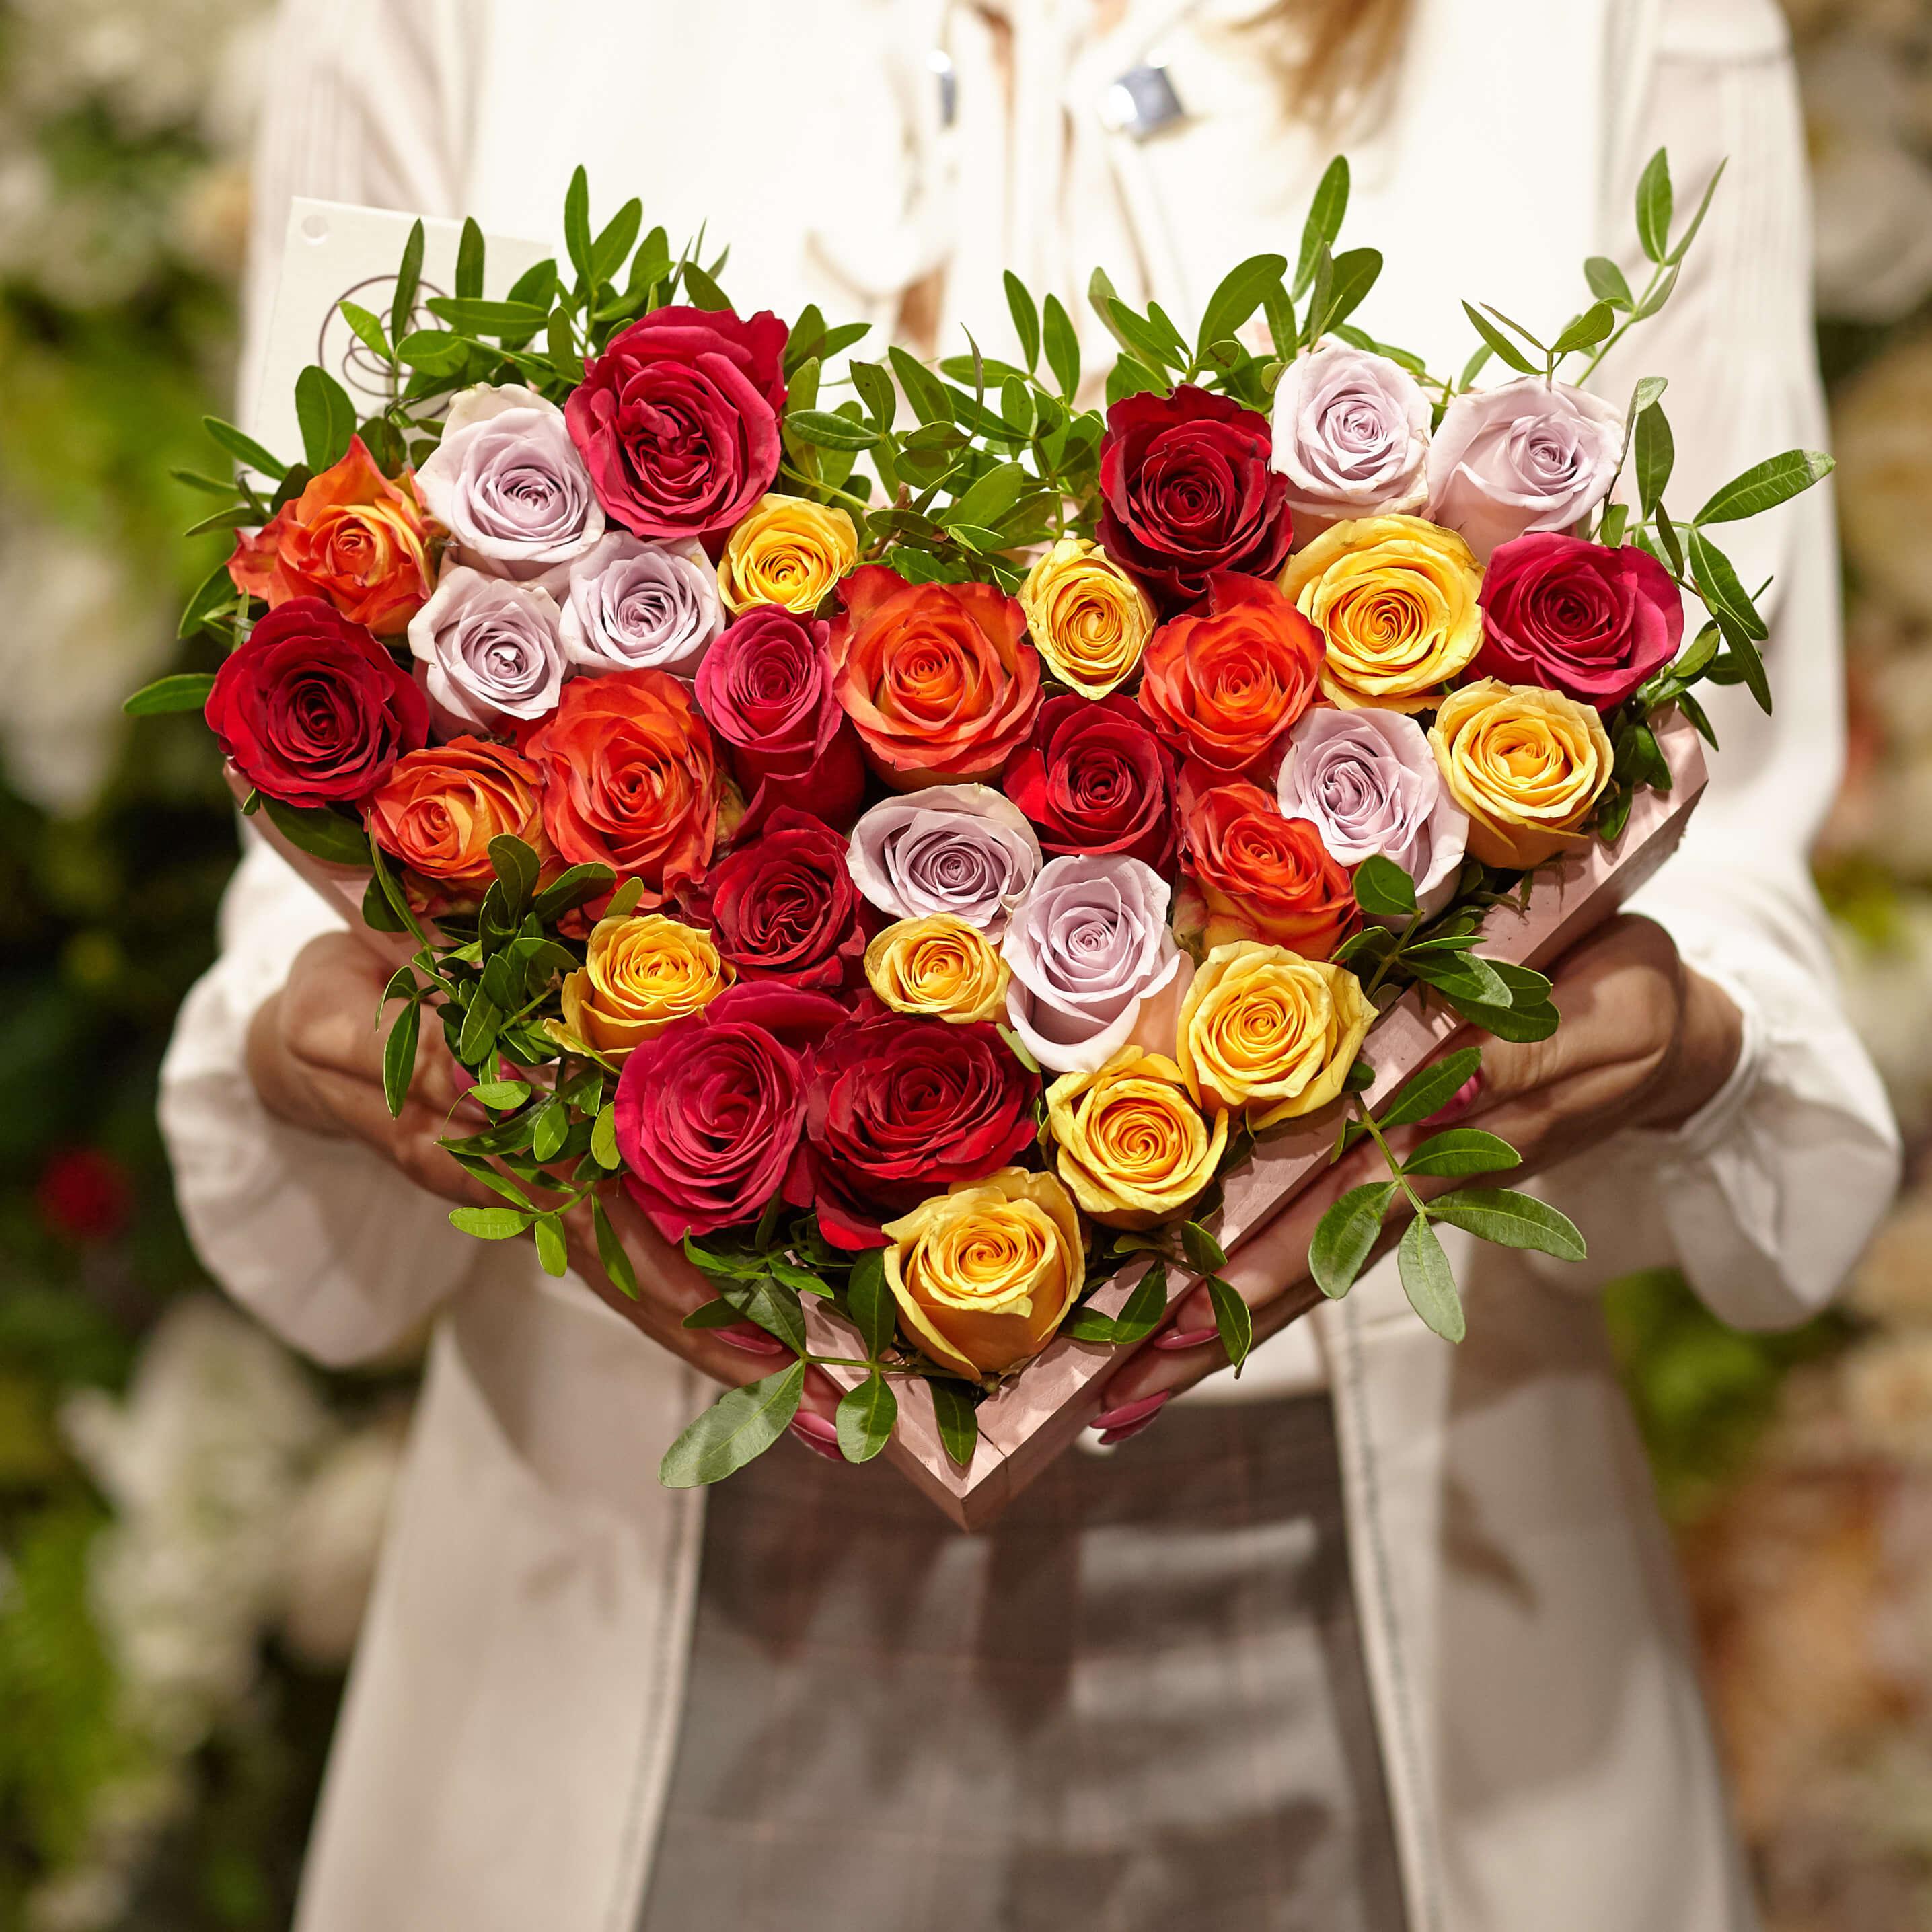 Композиция сердце из 31 кенийской розы микс и фисташки фото